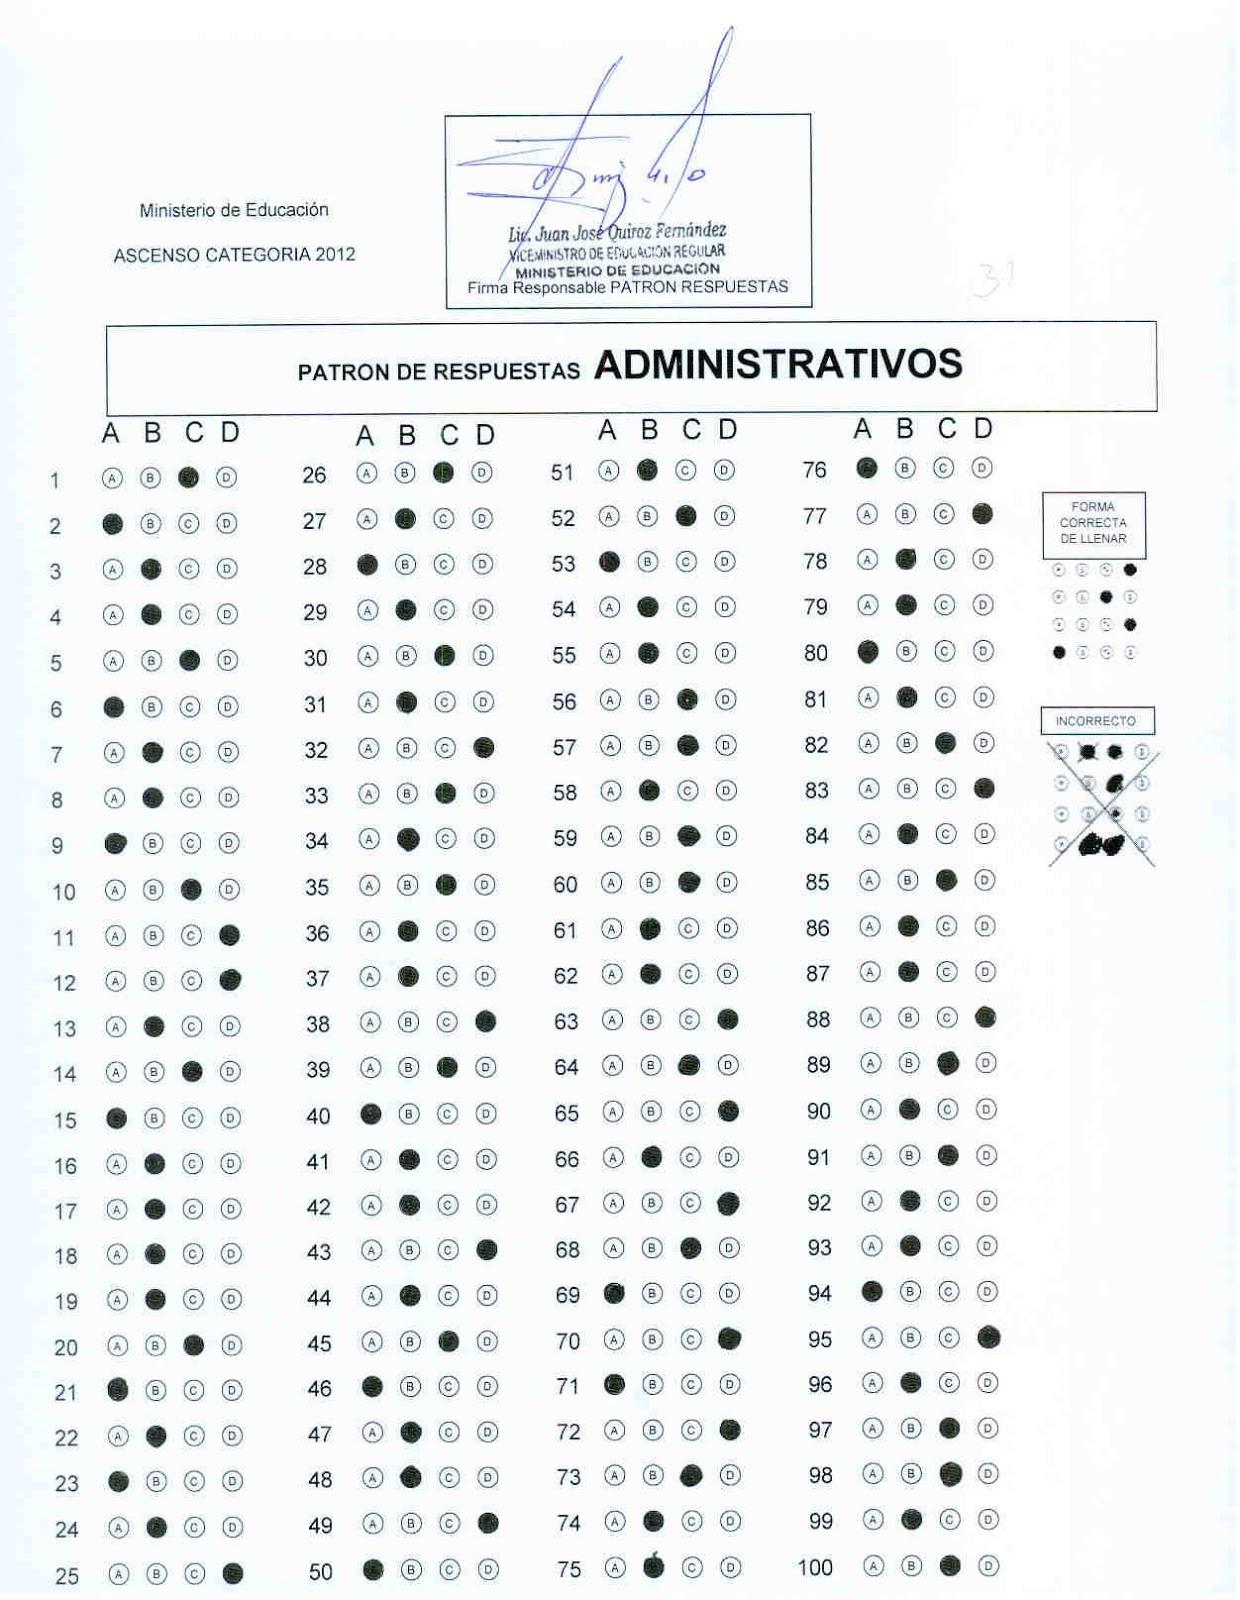 HOJA DE RESPUESTAS EXAMEN DE ASCENSO - 2012